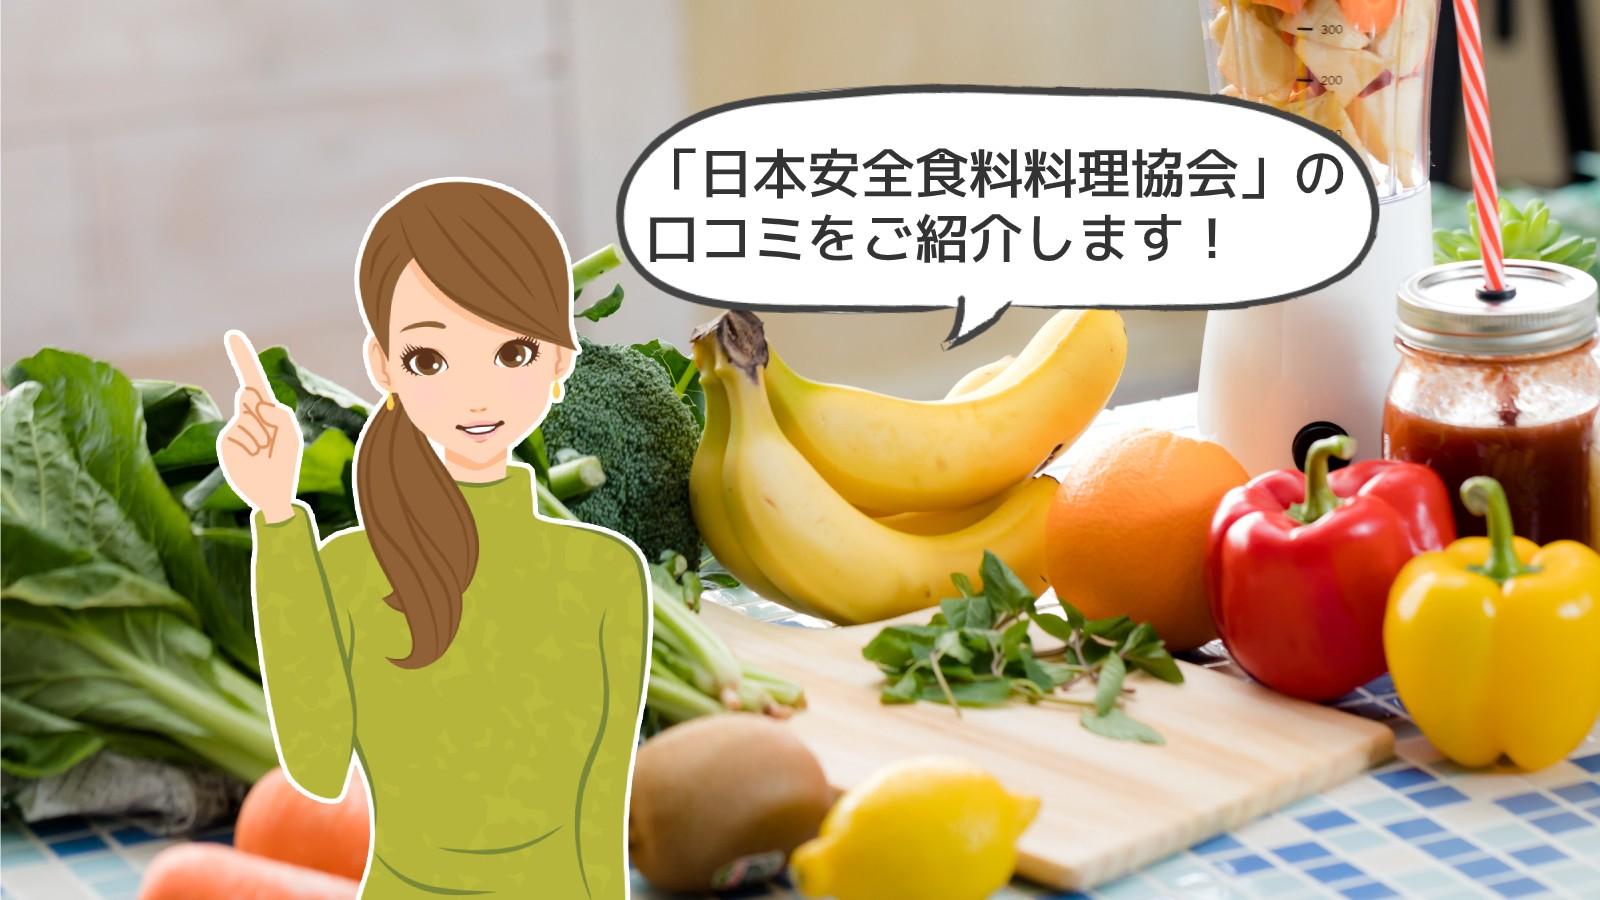 「日本安全食料料理協会」のアイキャッチ画像